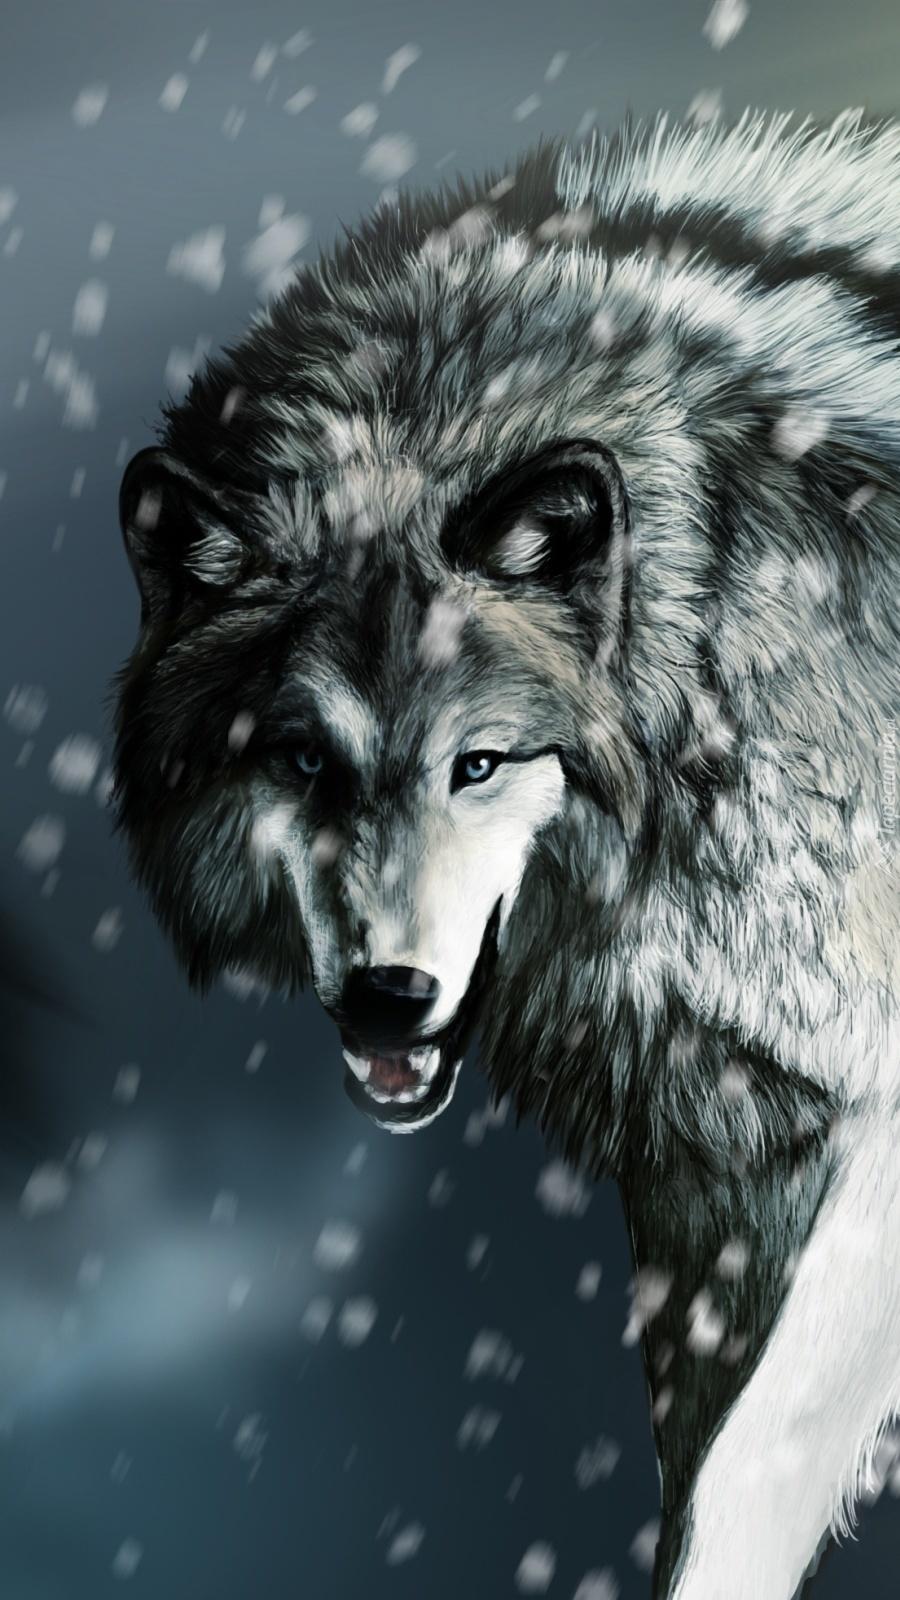 Wilk szczerzący kły